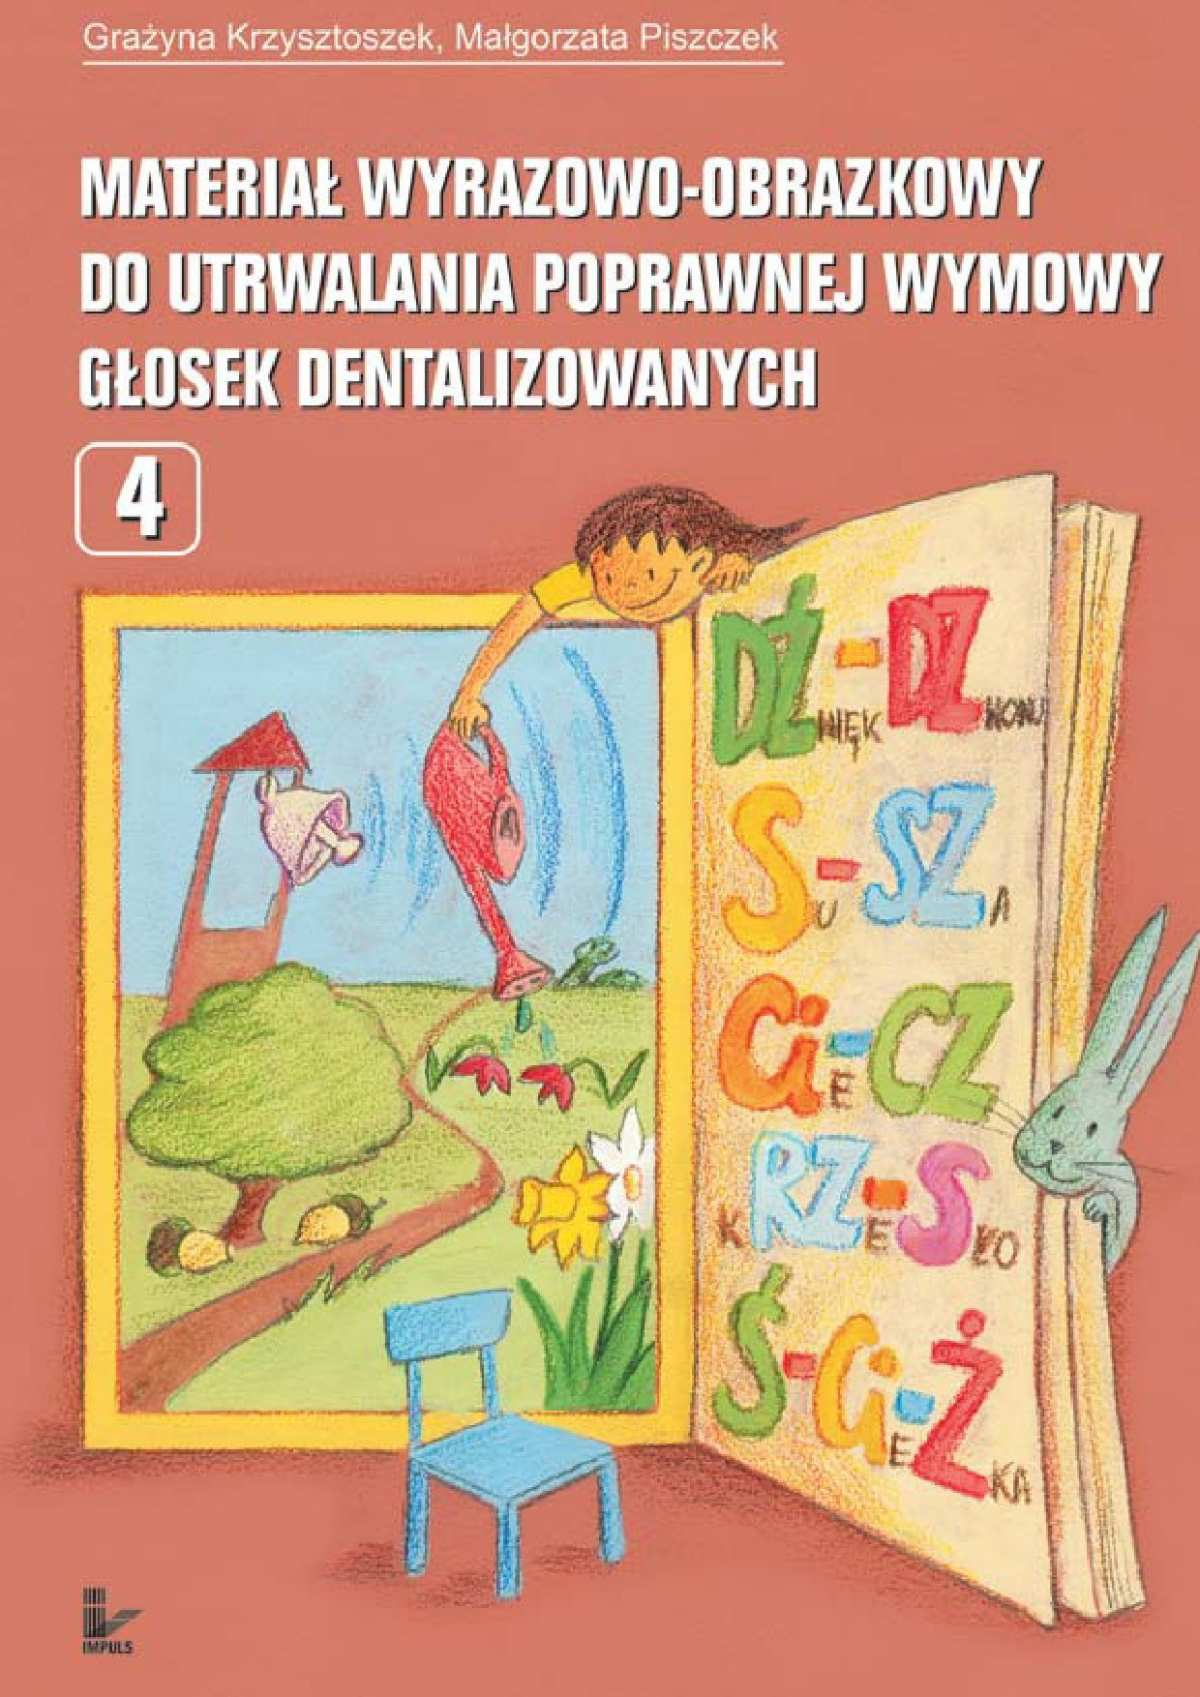 Materiał wyrazowo-obrazkowy do utrwalania poprawnej wymowy głosek dentalizowanych - Ebook (Książka na Kindle) do pobrania w formacie MOBI